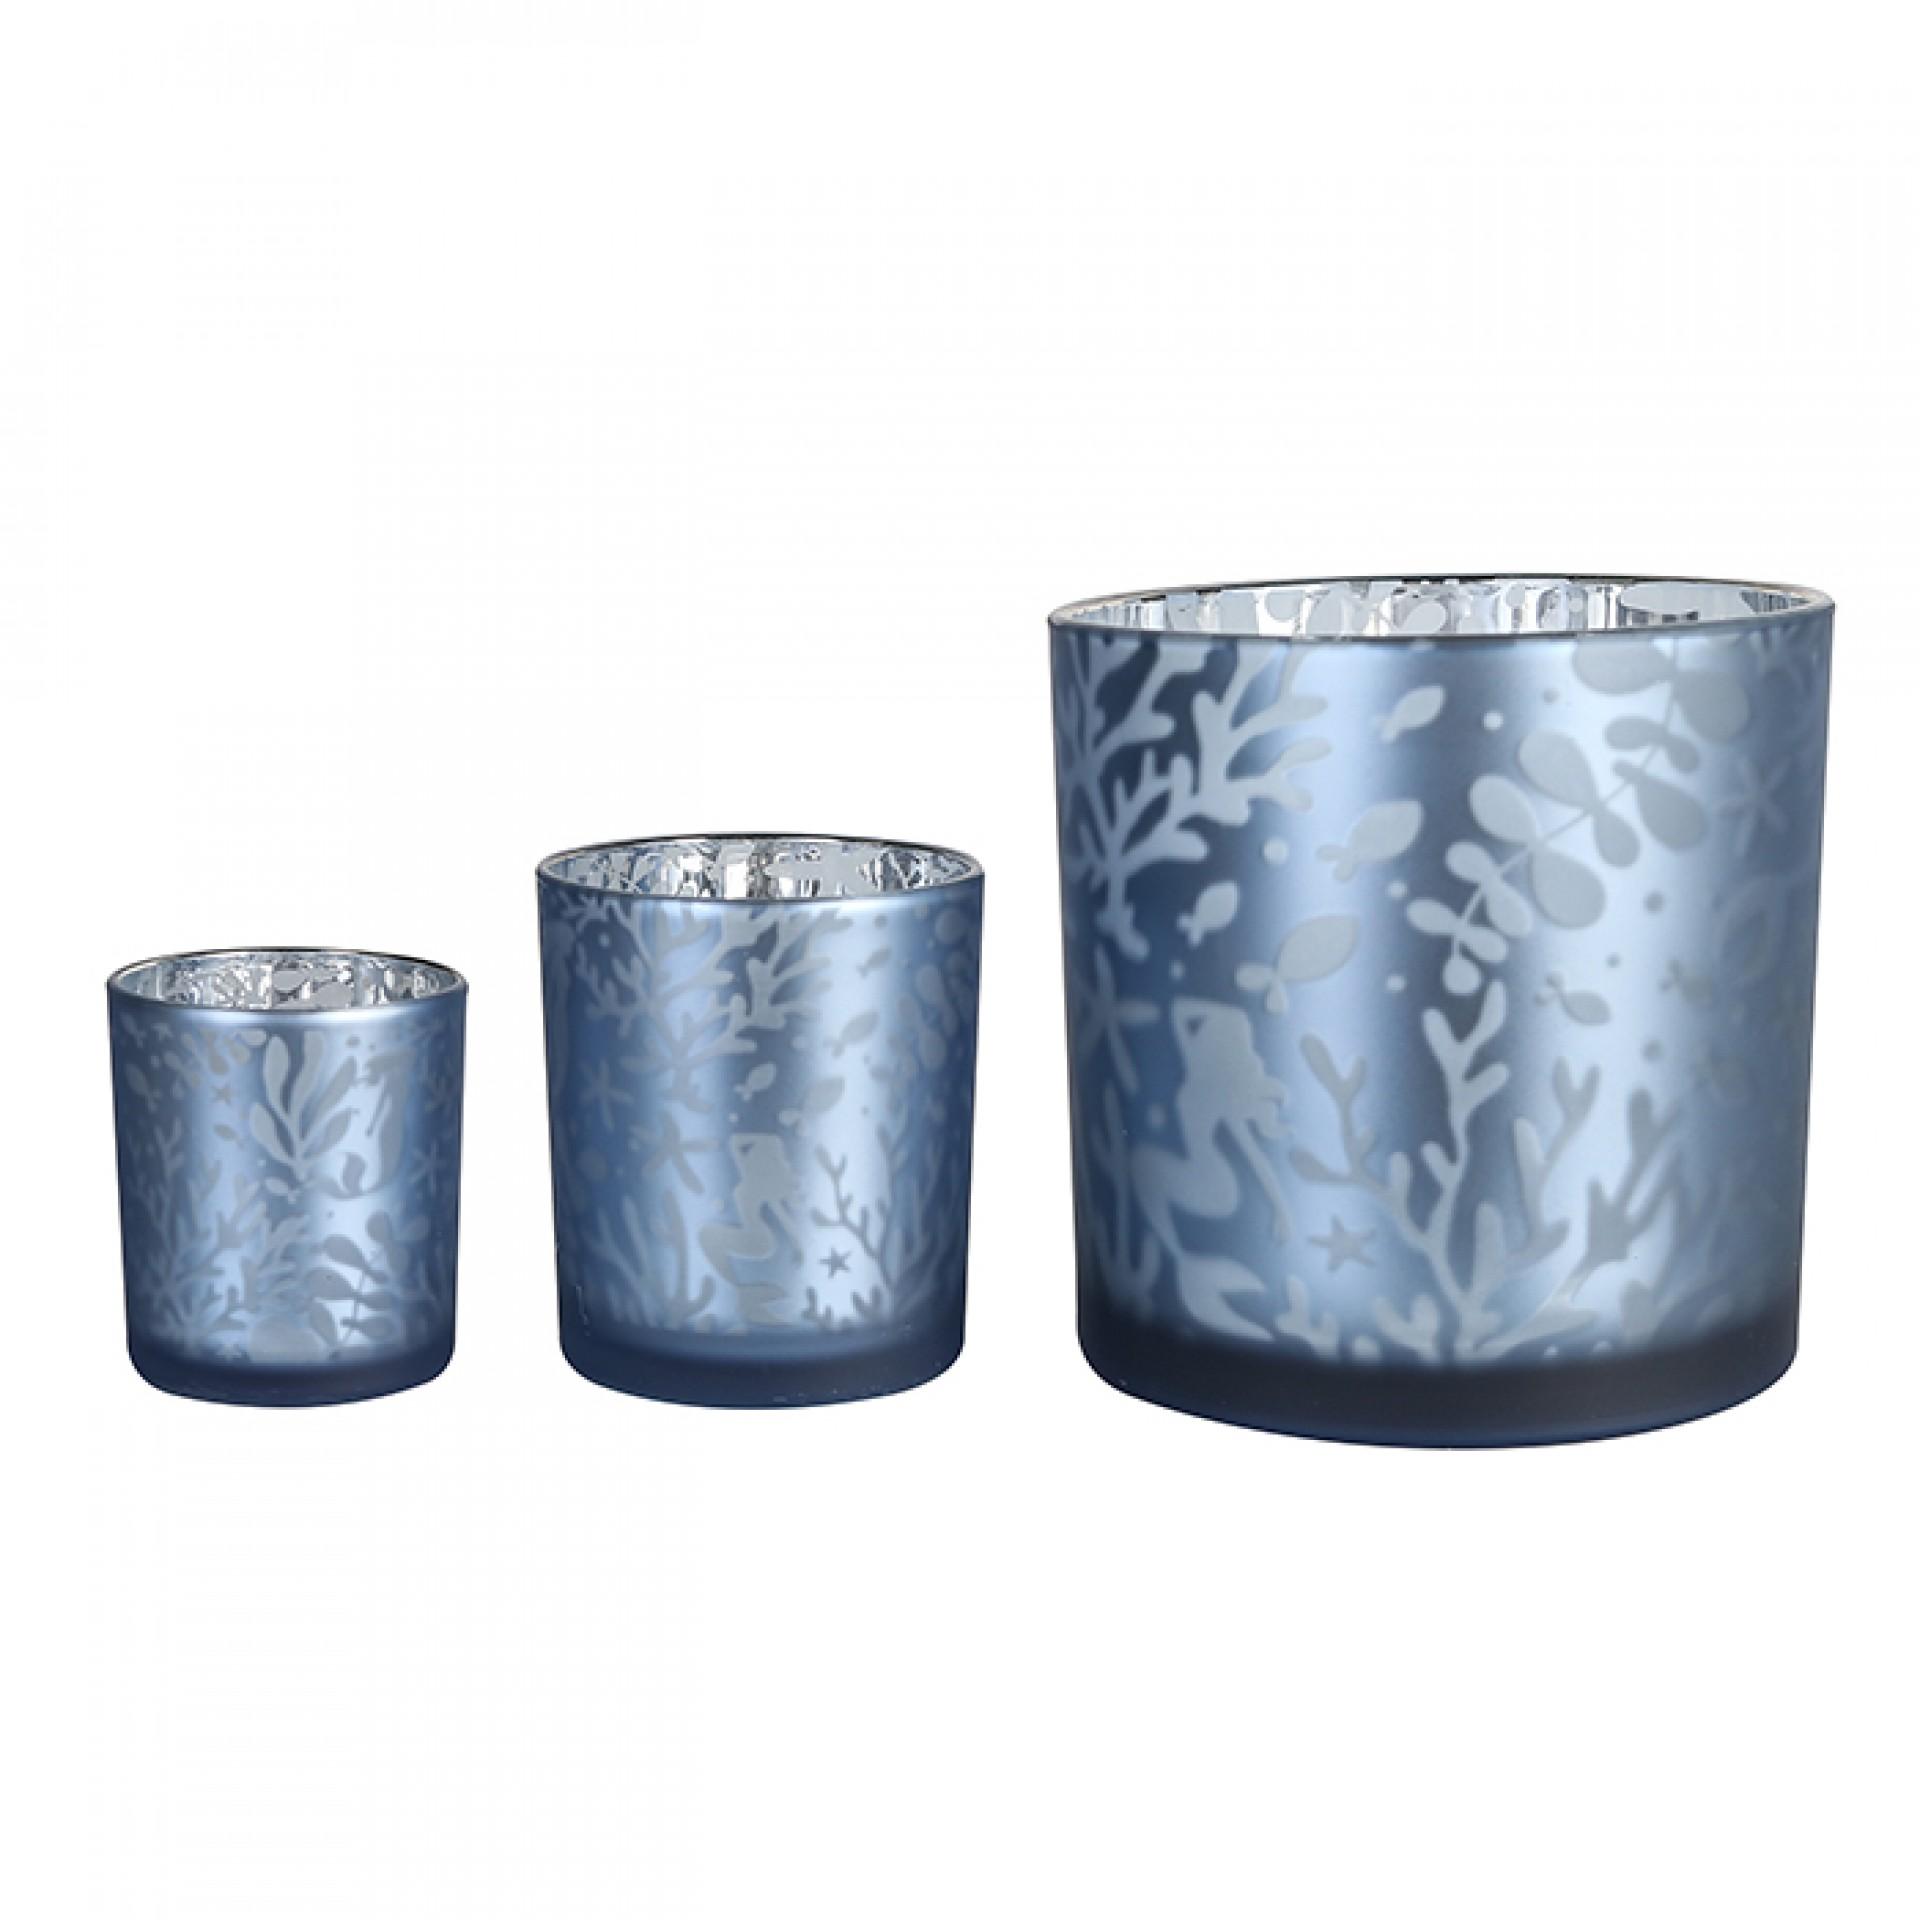 Skleněný čajový svícen Seaworld, 10 cm, modrá/stříbrná